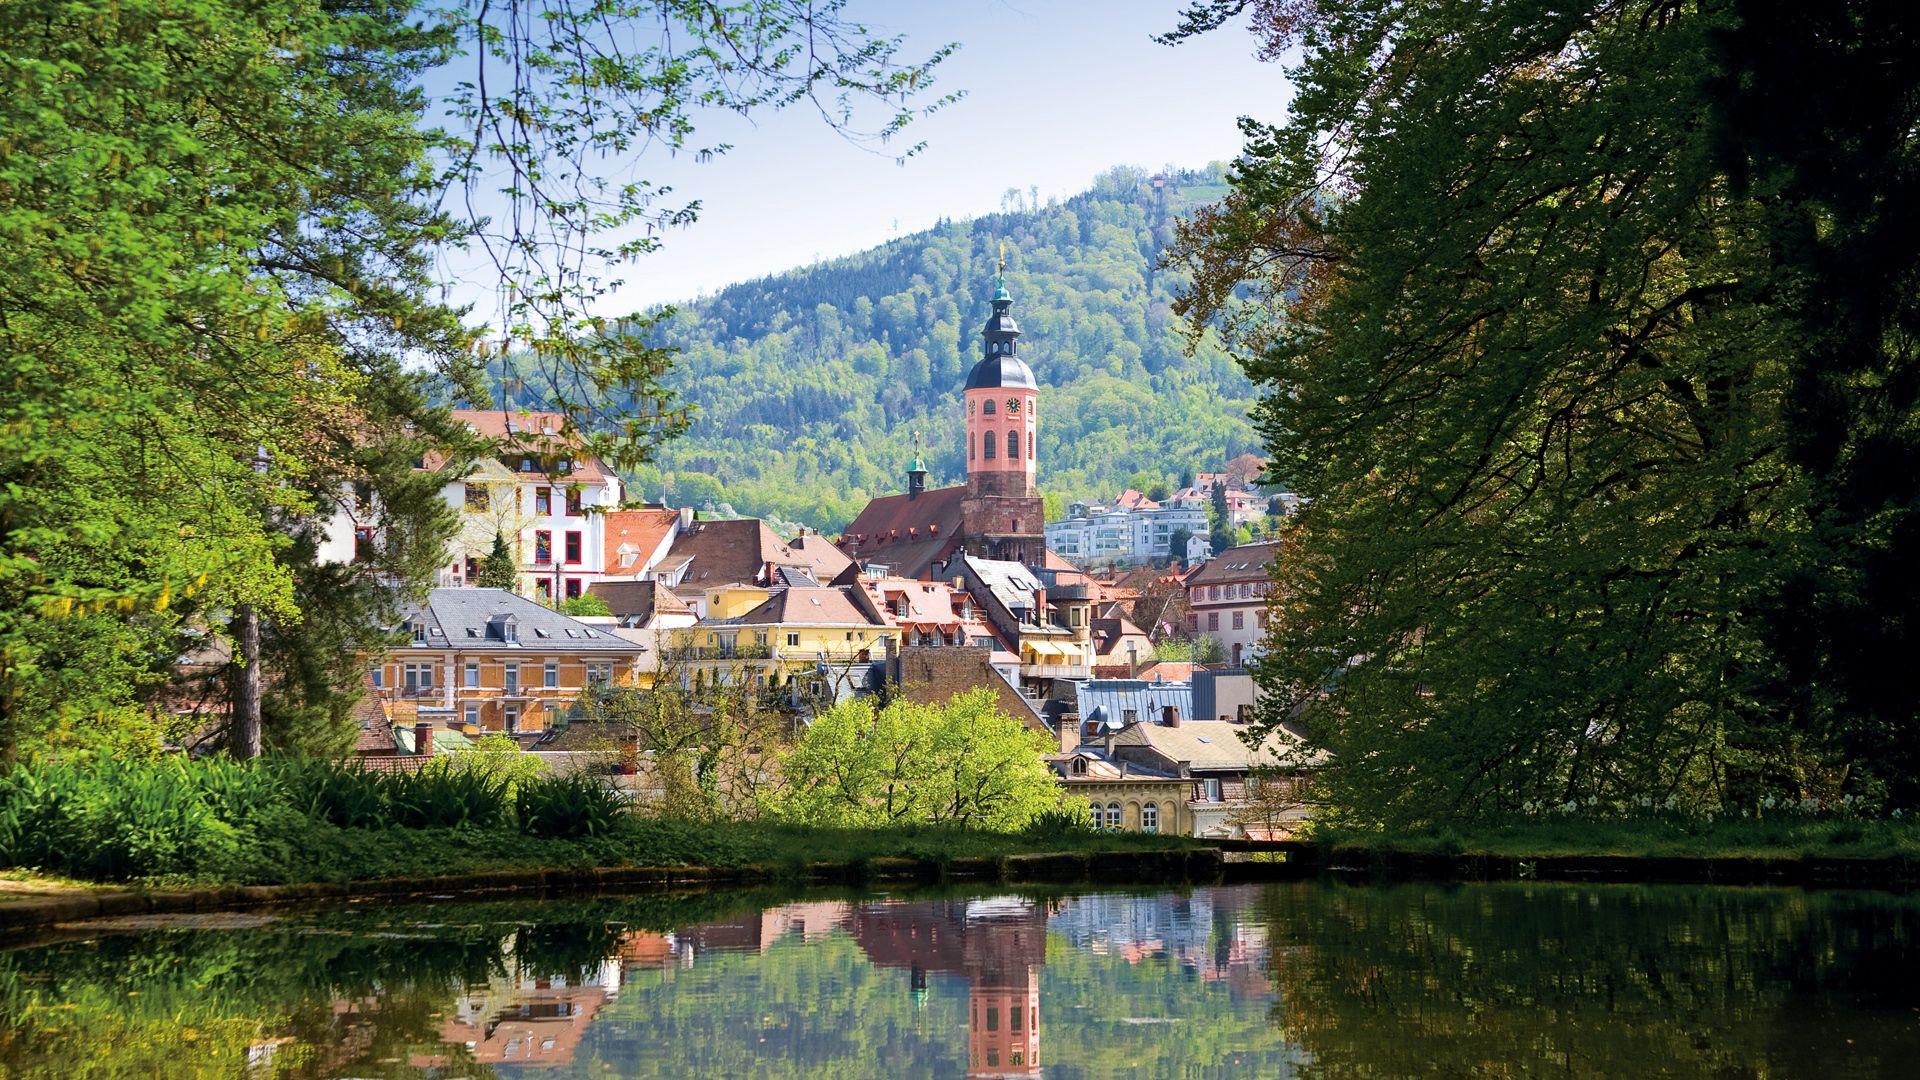 وجهات سياحية في أوروبا - بادن